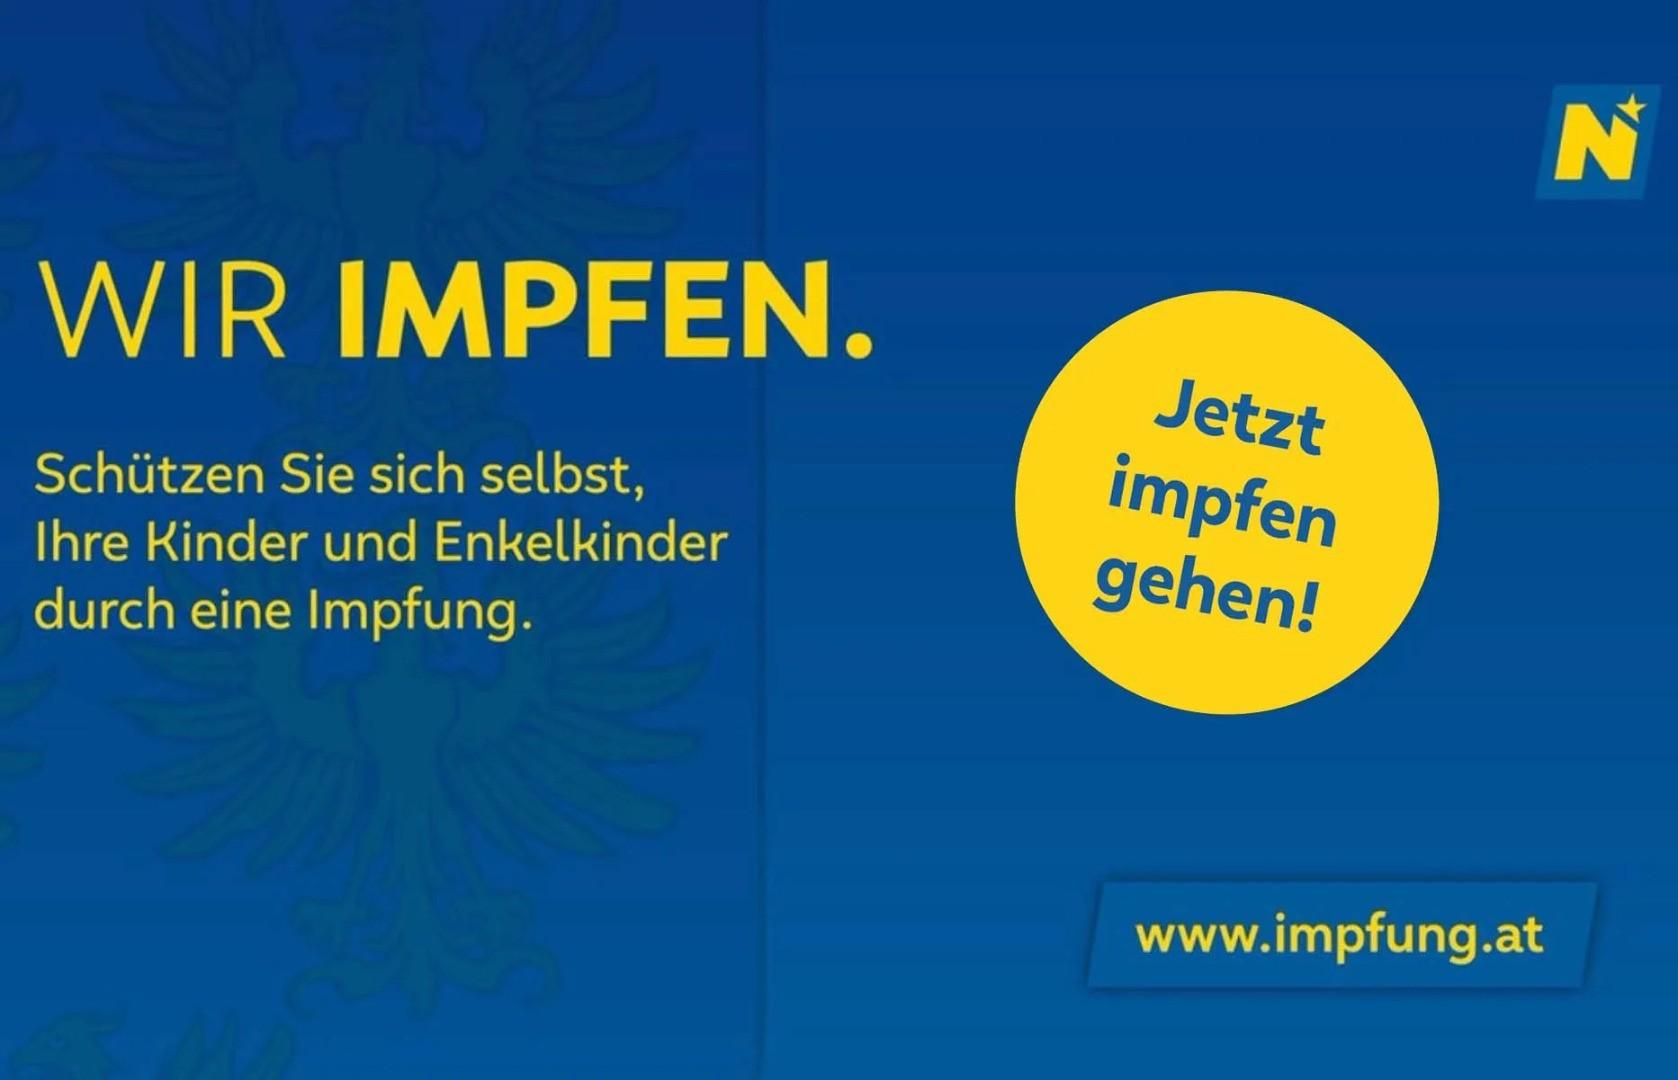 wirimpfen-quer-61924966-1628067579104.jpg